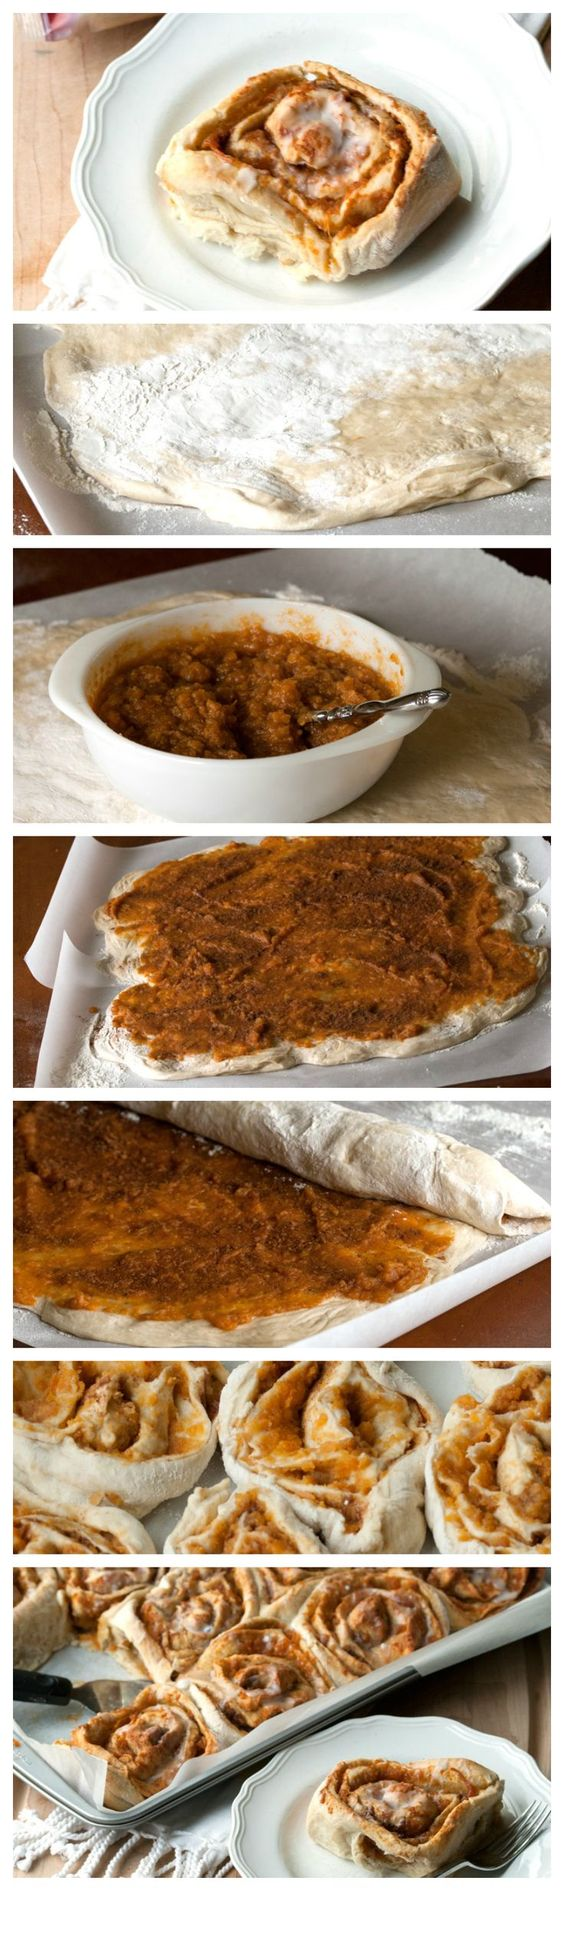 Easy Sweet Potato Rolls   AllSheCooks.com   #AlmostHomemade #Rhodes #breakfast #sweetpotatoes #rolls #sponsored